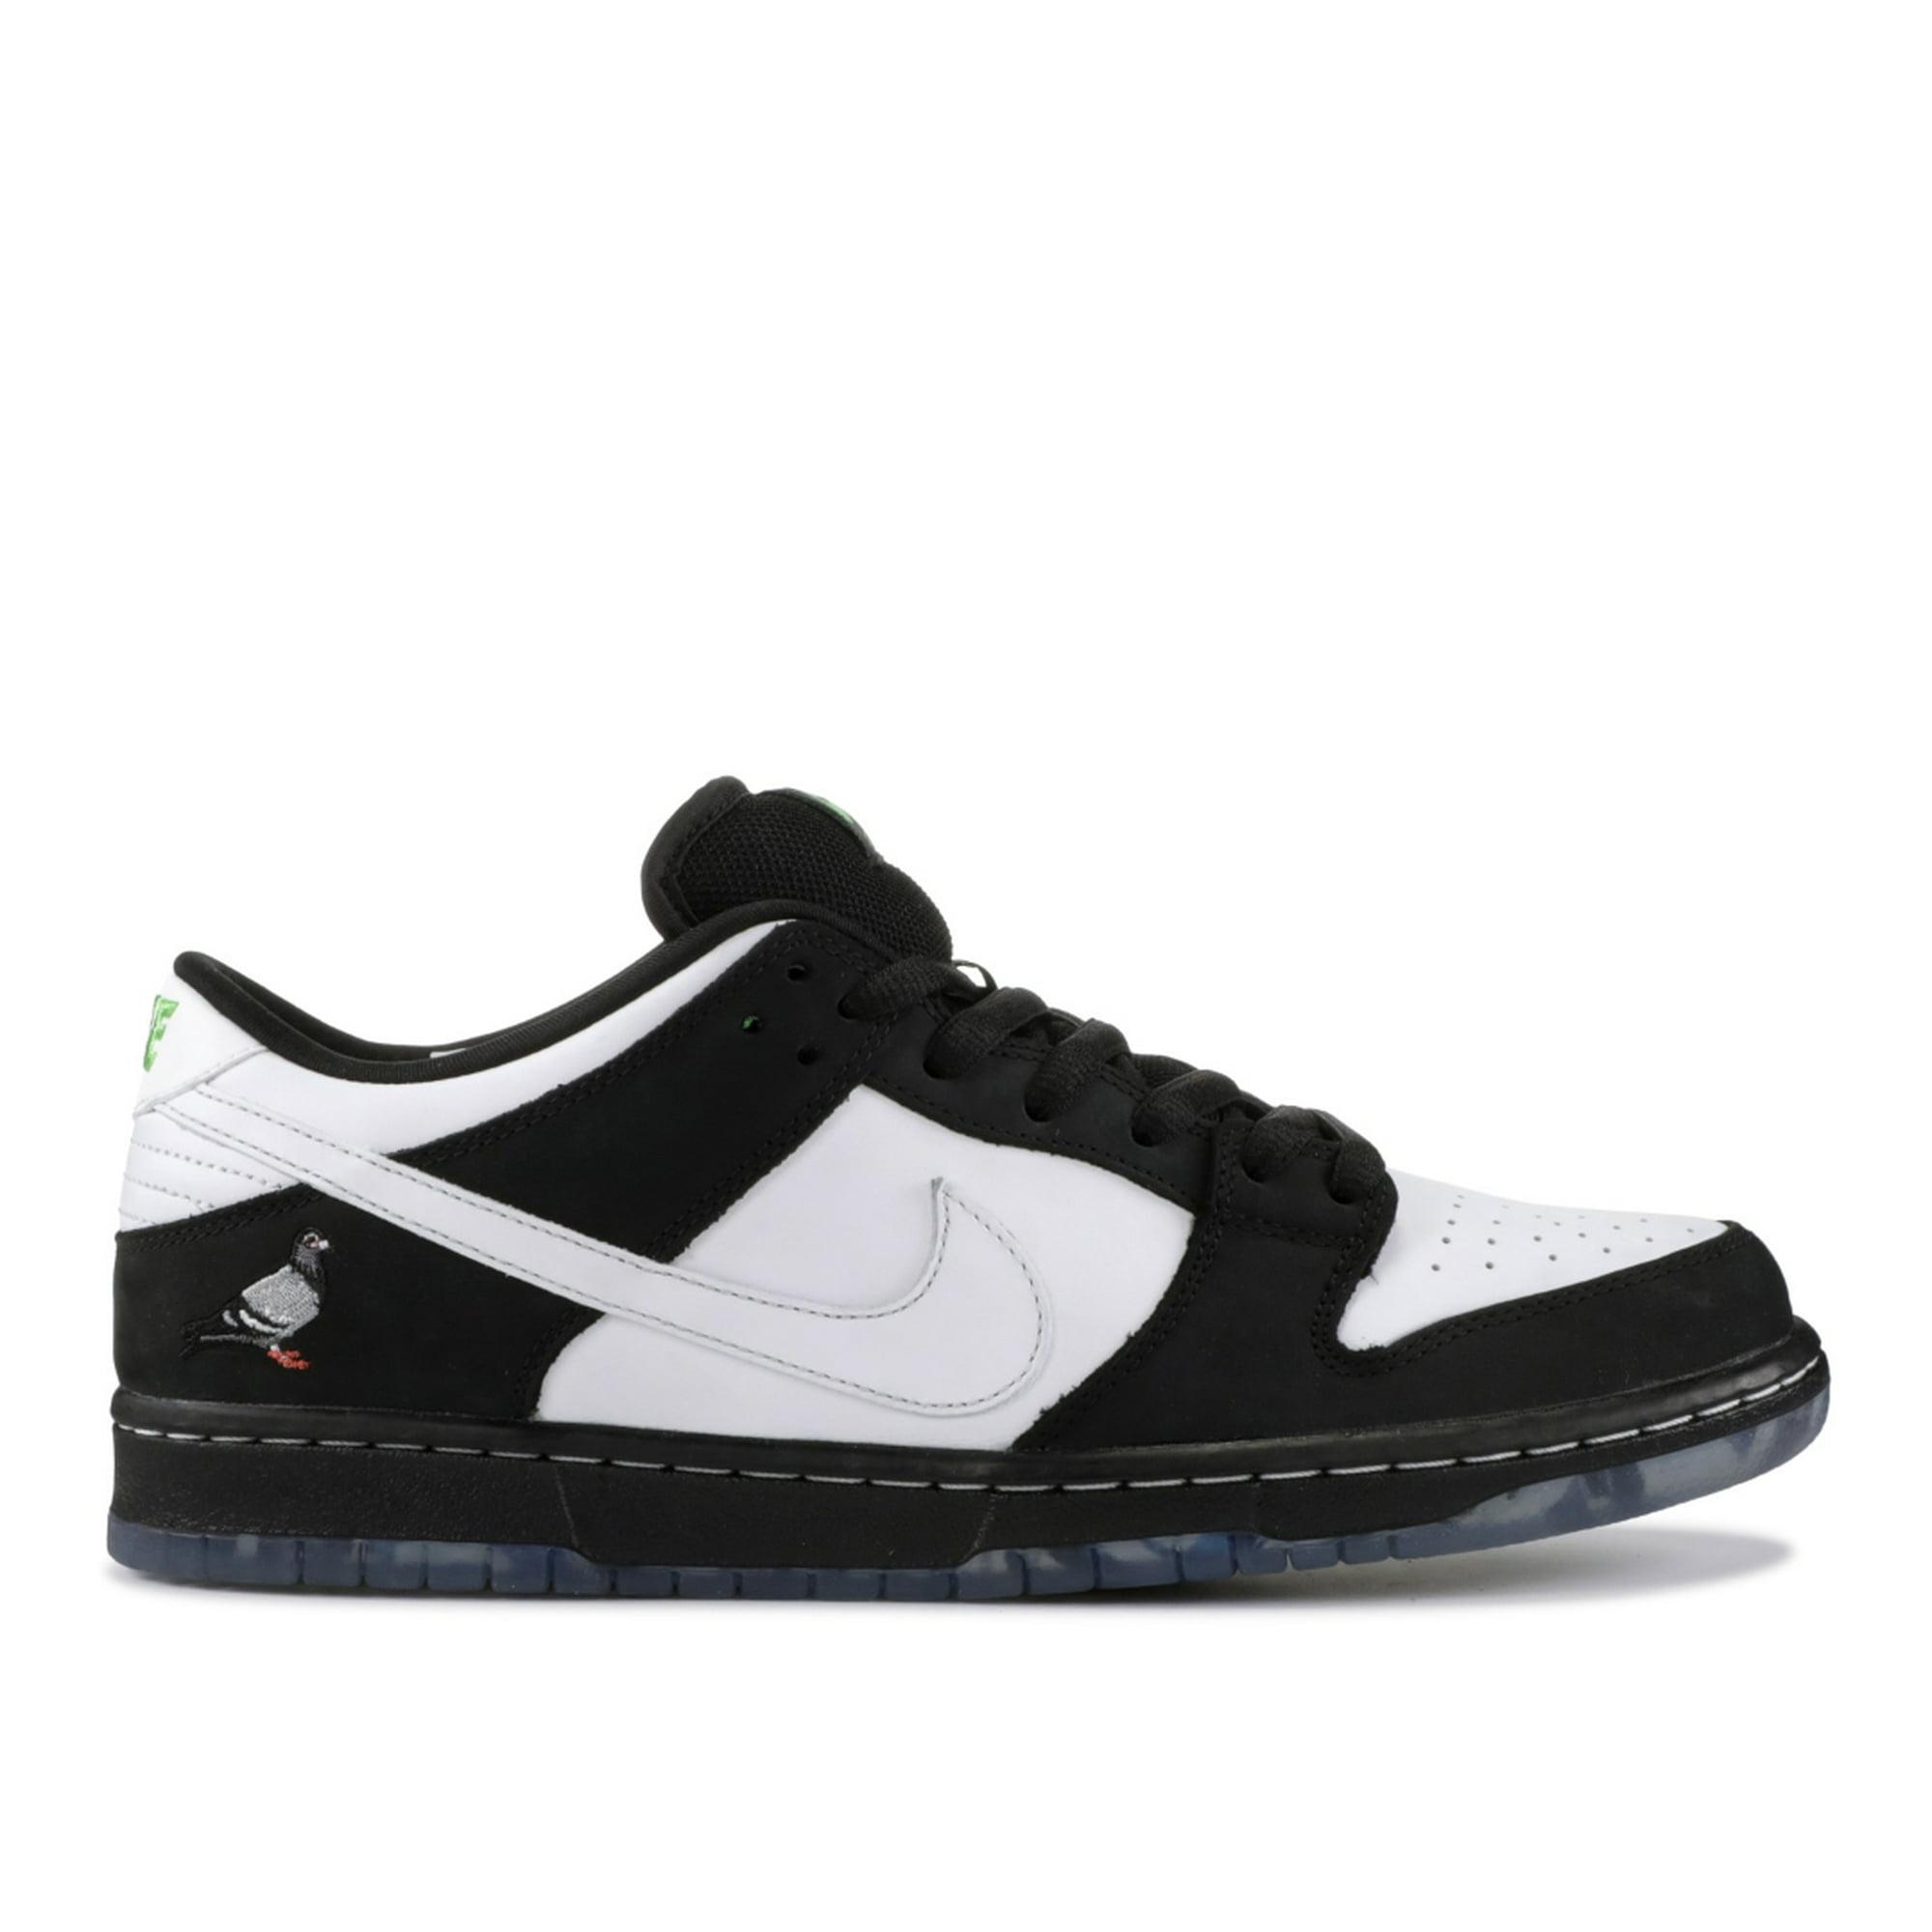 first rate 6c15b 89c93 Nike - Men - Nike Sb Dunk Low Pro Og 'Panda Pigeon' - Bv1310-013 - Size 11.5